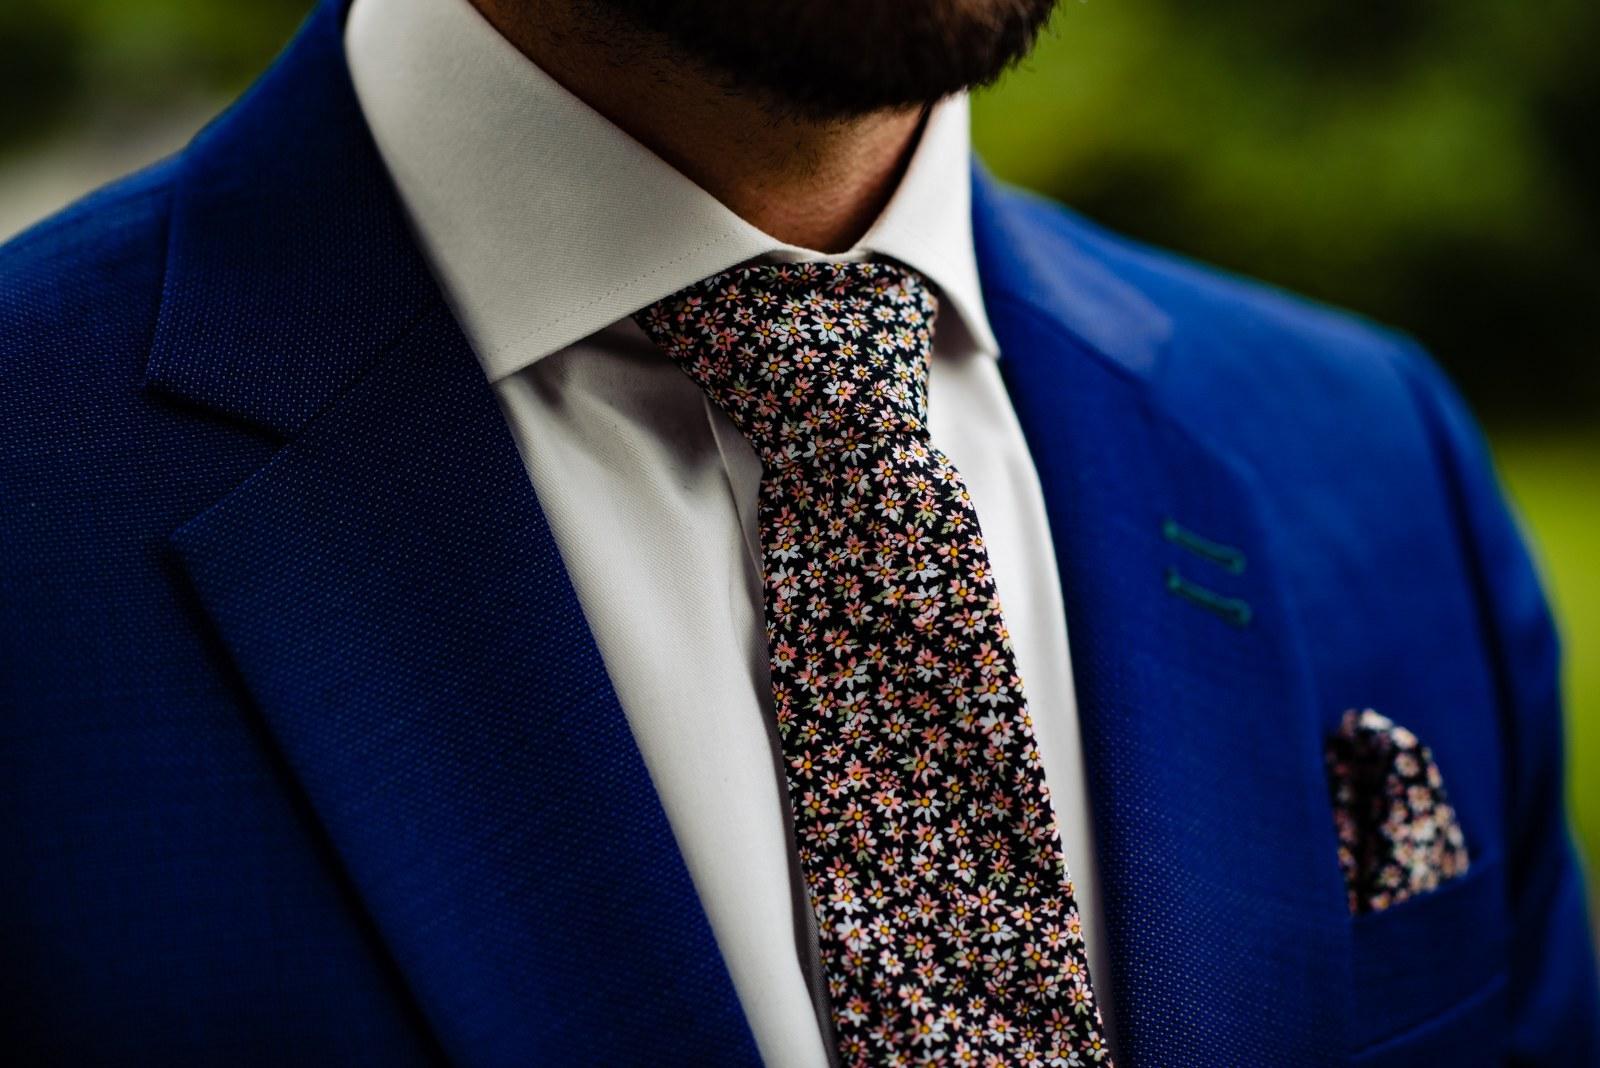 Jouw persoonlijke trouwpak met unieke das en details